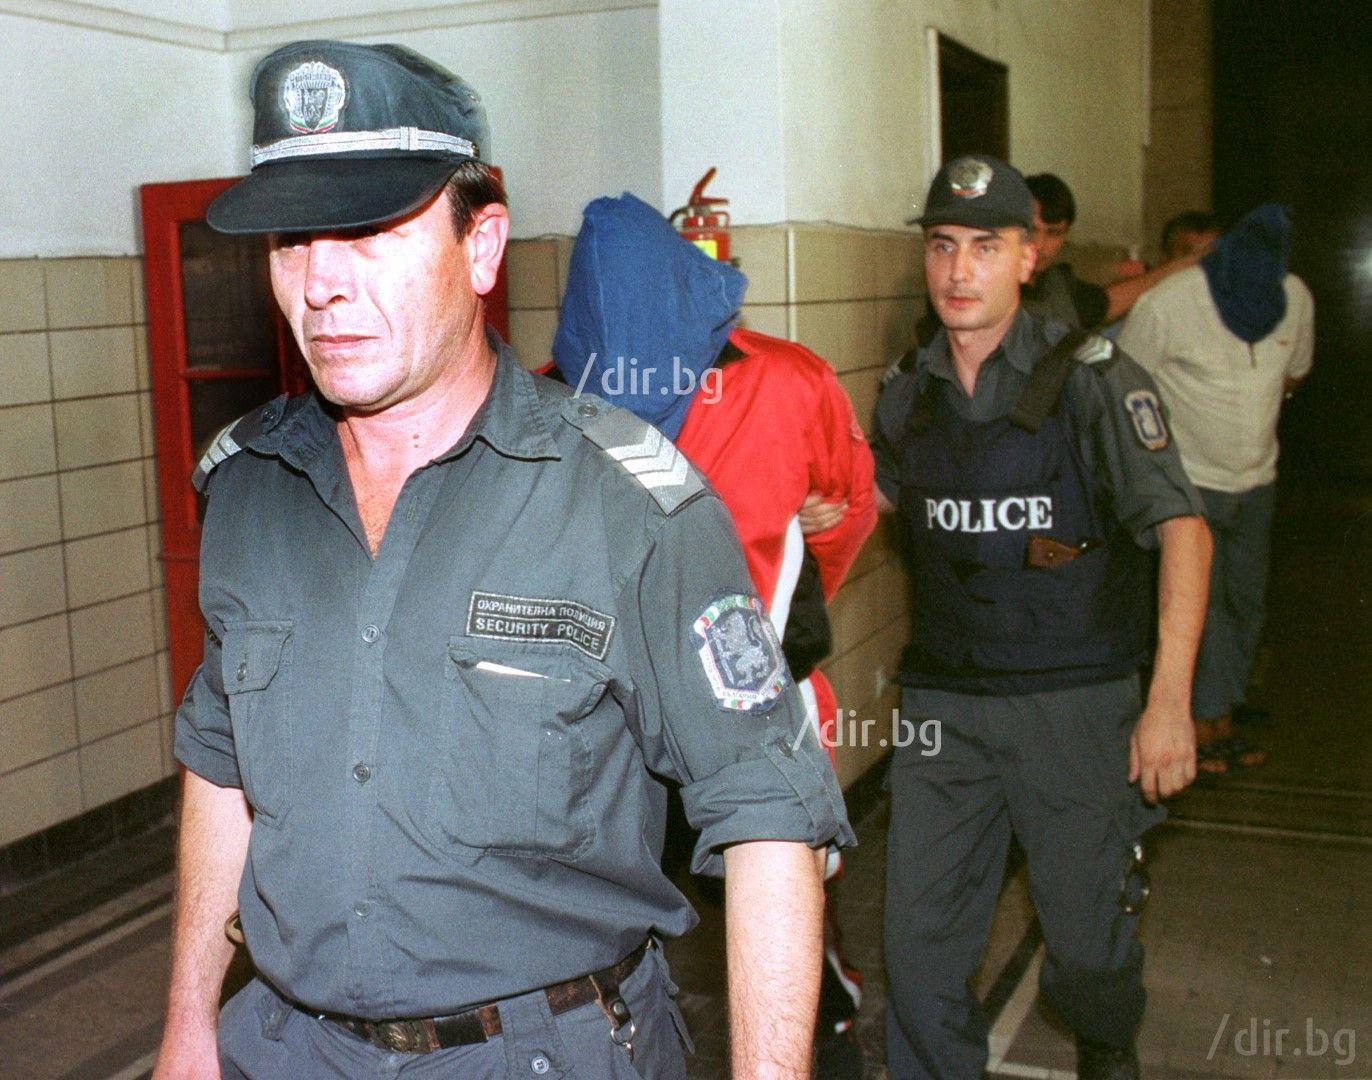 31 август 2003 г. (Снимка: Иван Григоров/ Дир.бг)